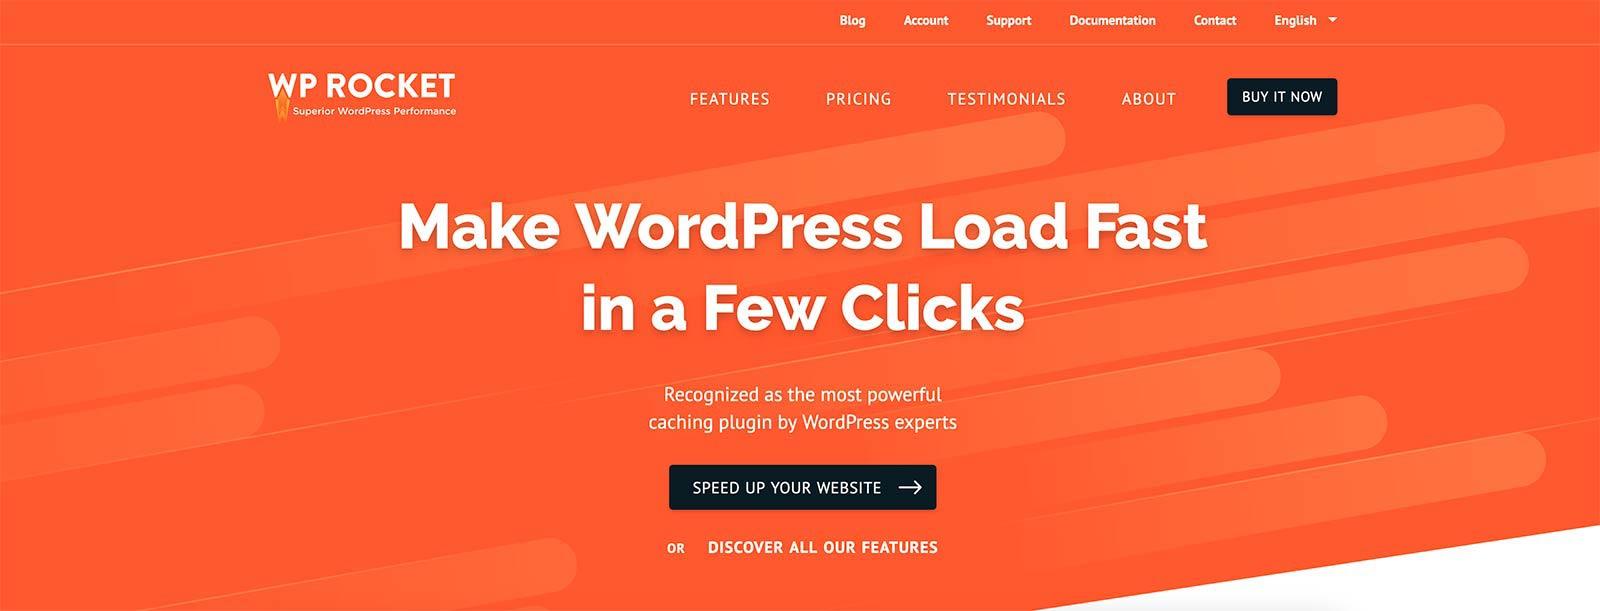 WP Rocket WordPress Plugin Free Download